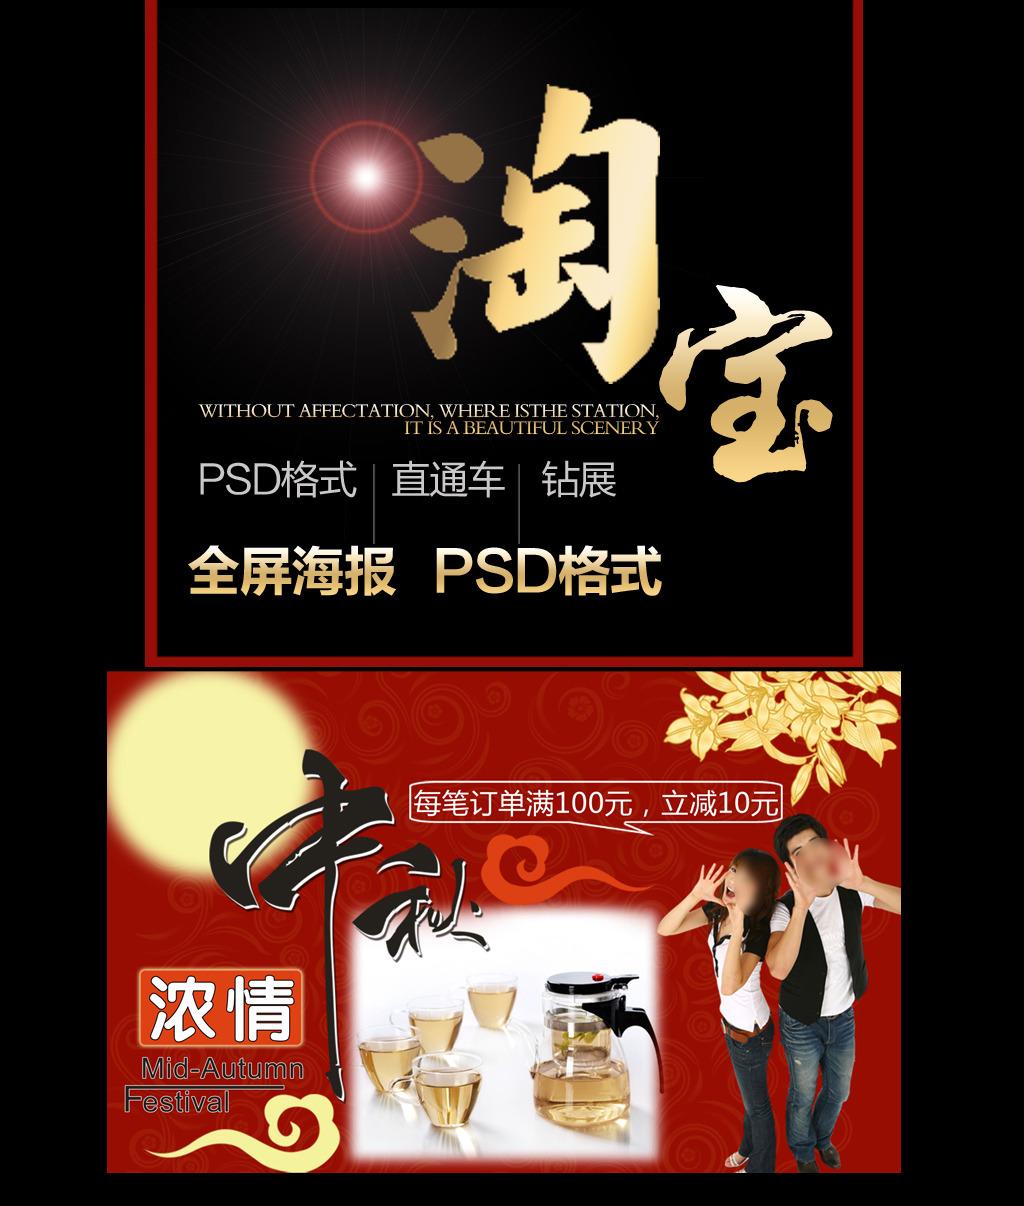 2014淘宝男装女装中秋海报背景全屏海报模板下载 11670879 淘宝广告图片